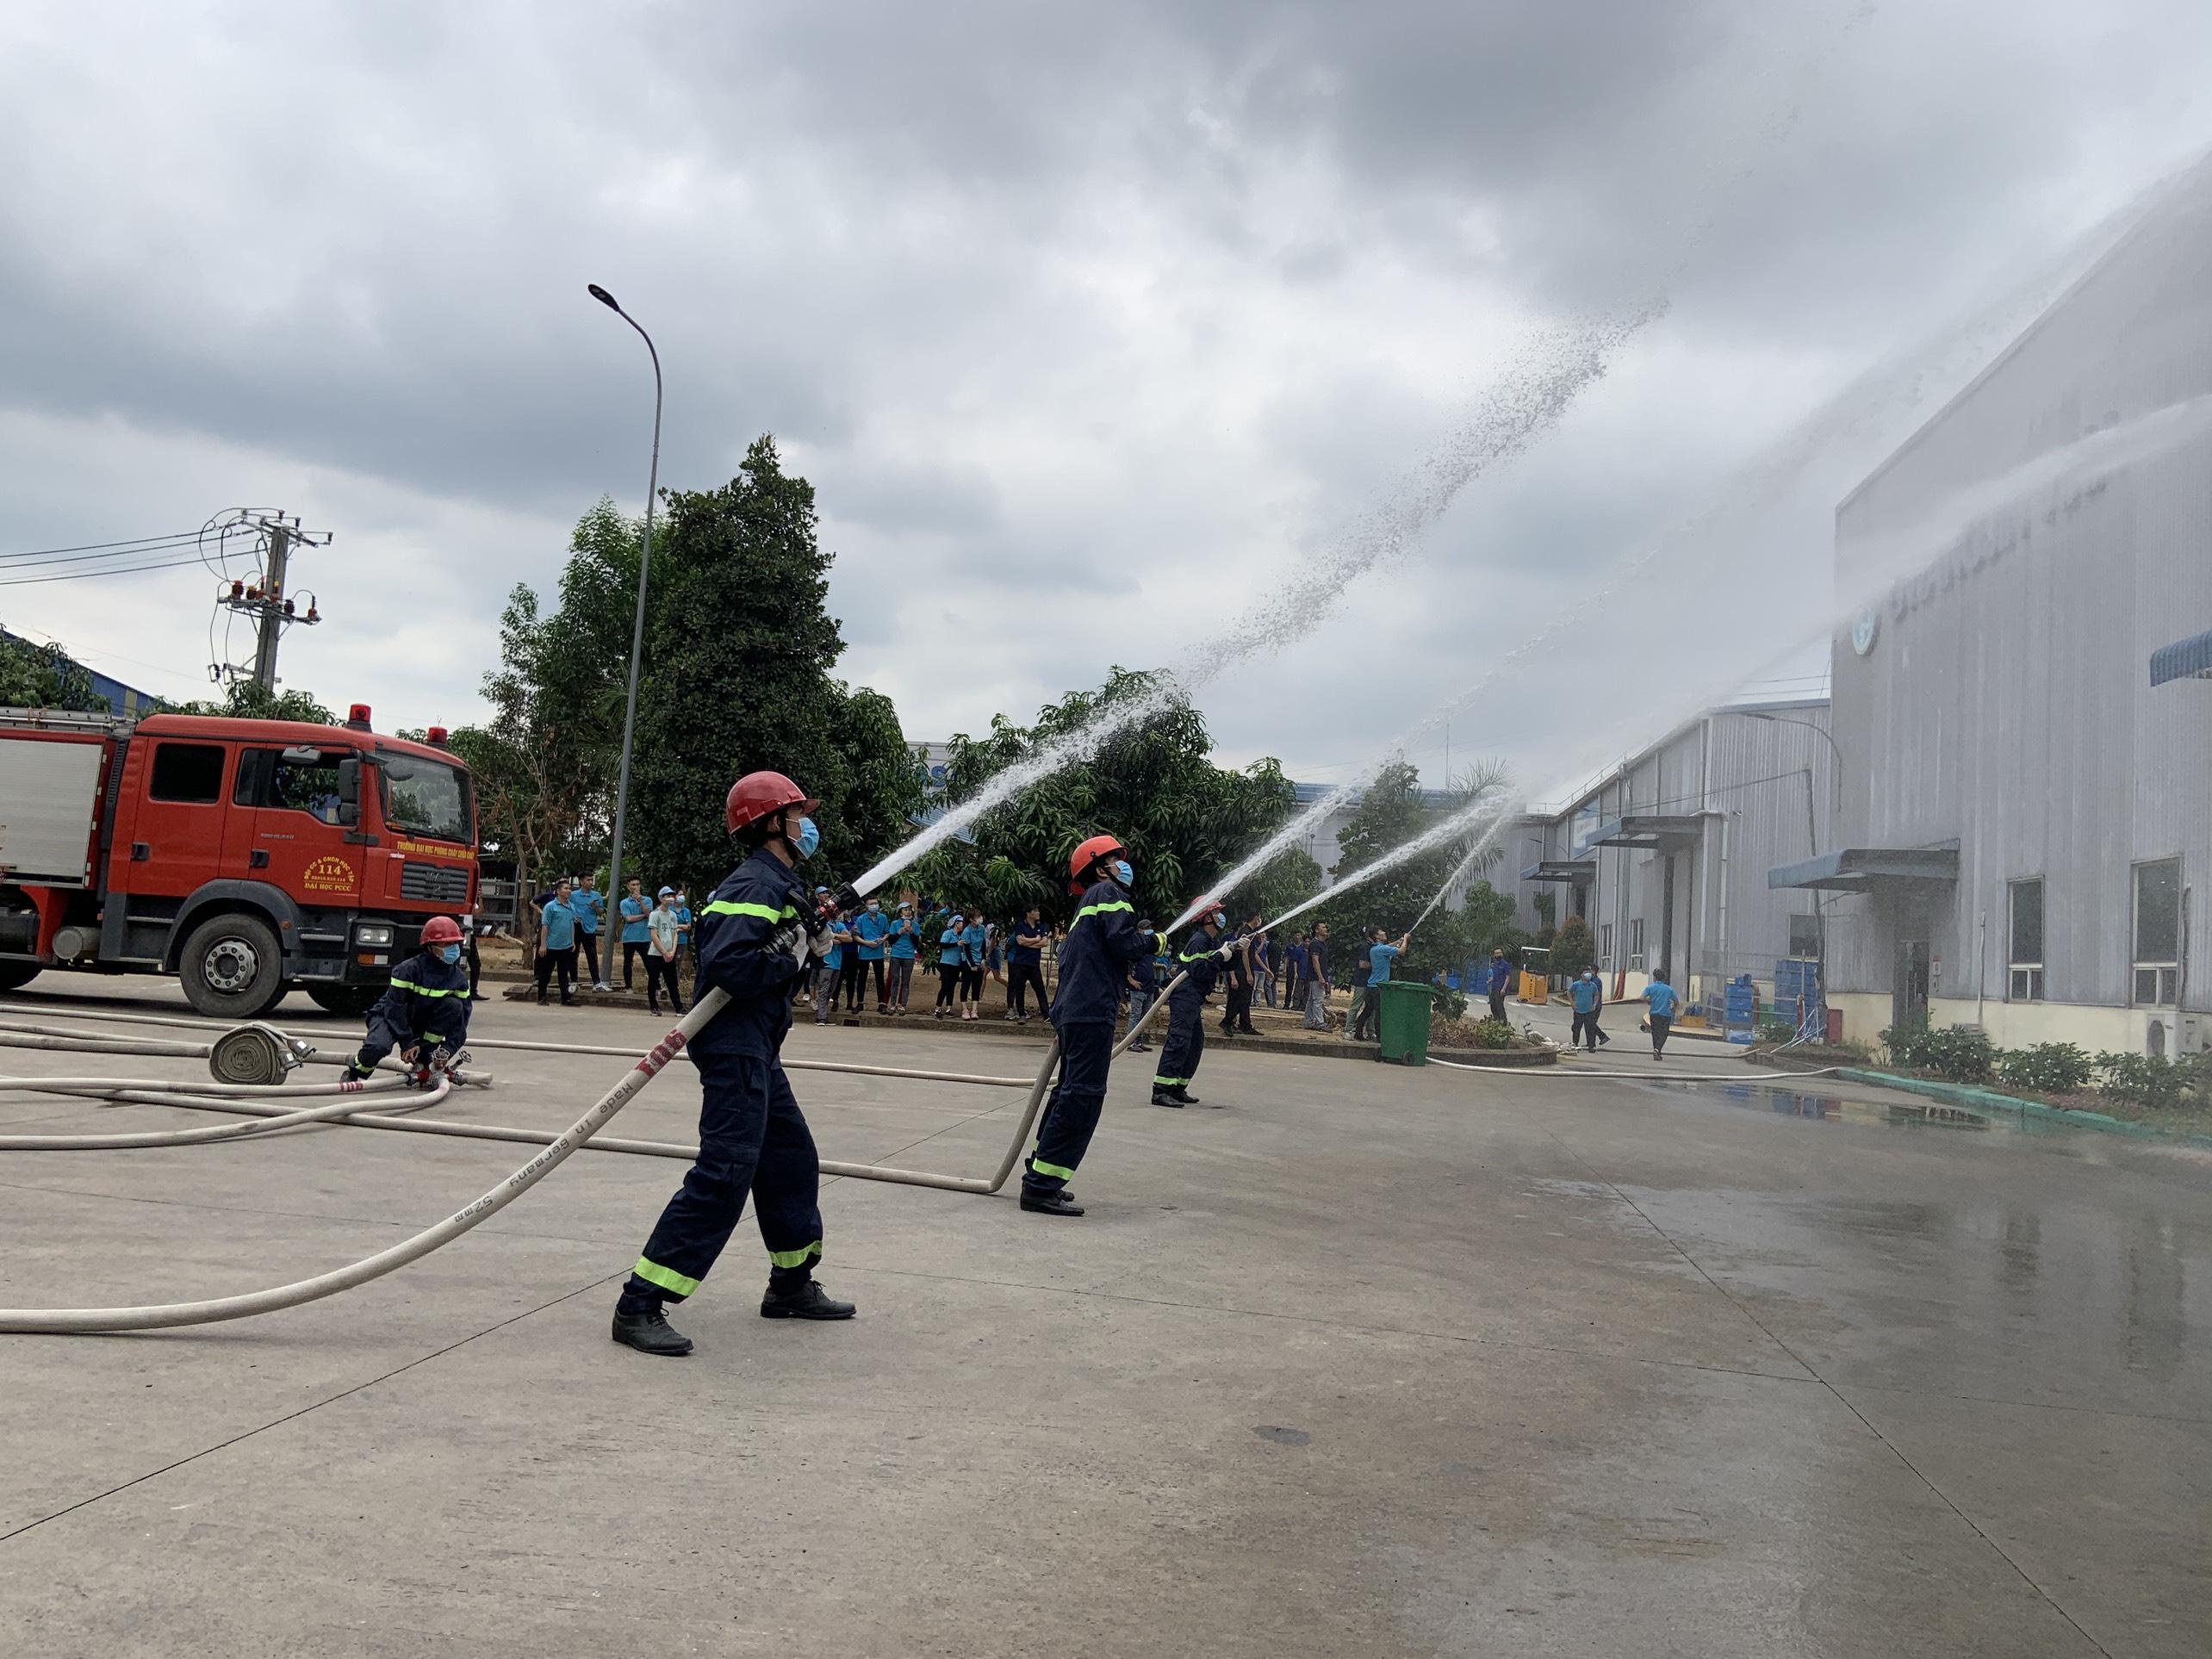 Đội CC&CNCH học tập Cơ sở 3 tham gia thực tập phương án chữa cháy và cứu nạn, cứu hộ tại Công ty TNHH JC VINA